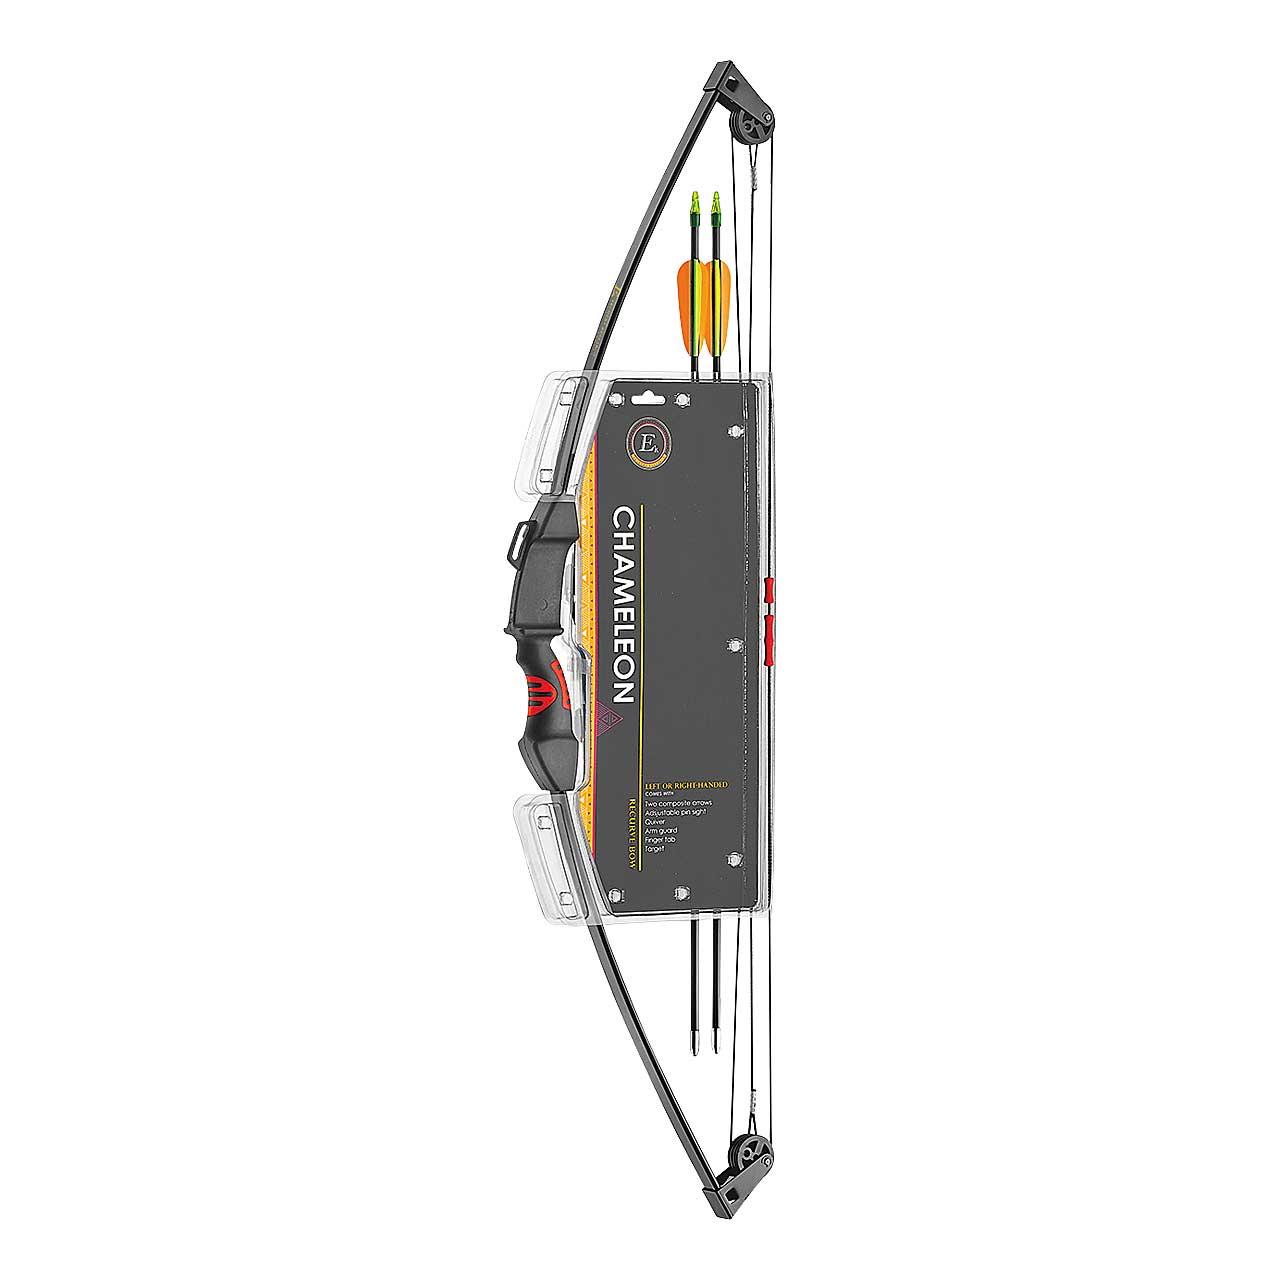 Ek-Archery Compound Jugendbogen Set Chameleon